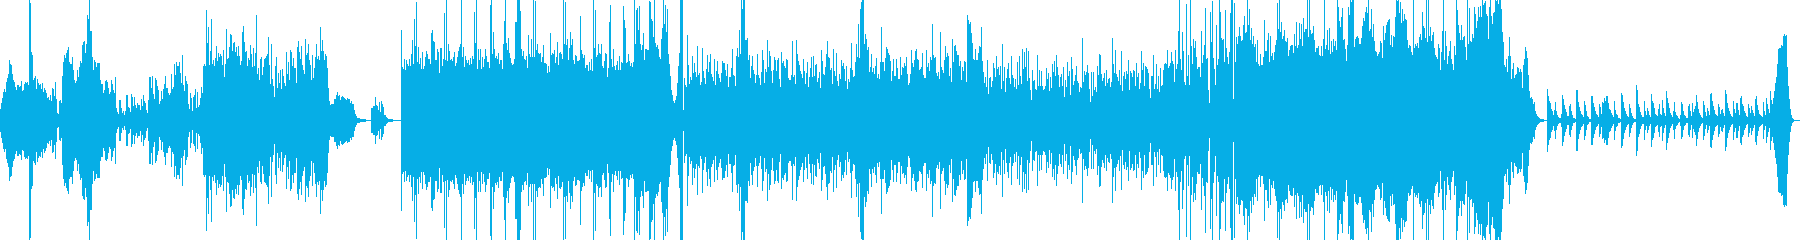 エスニック調のBGM音源の再生済みの波形